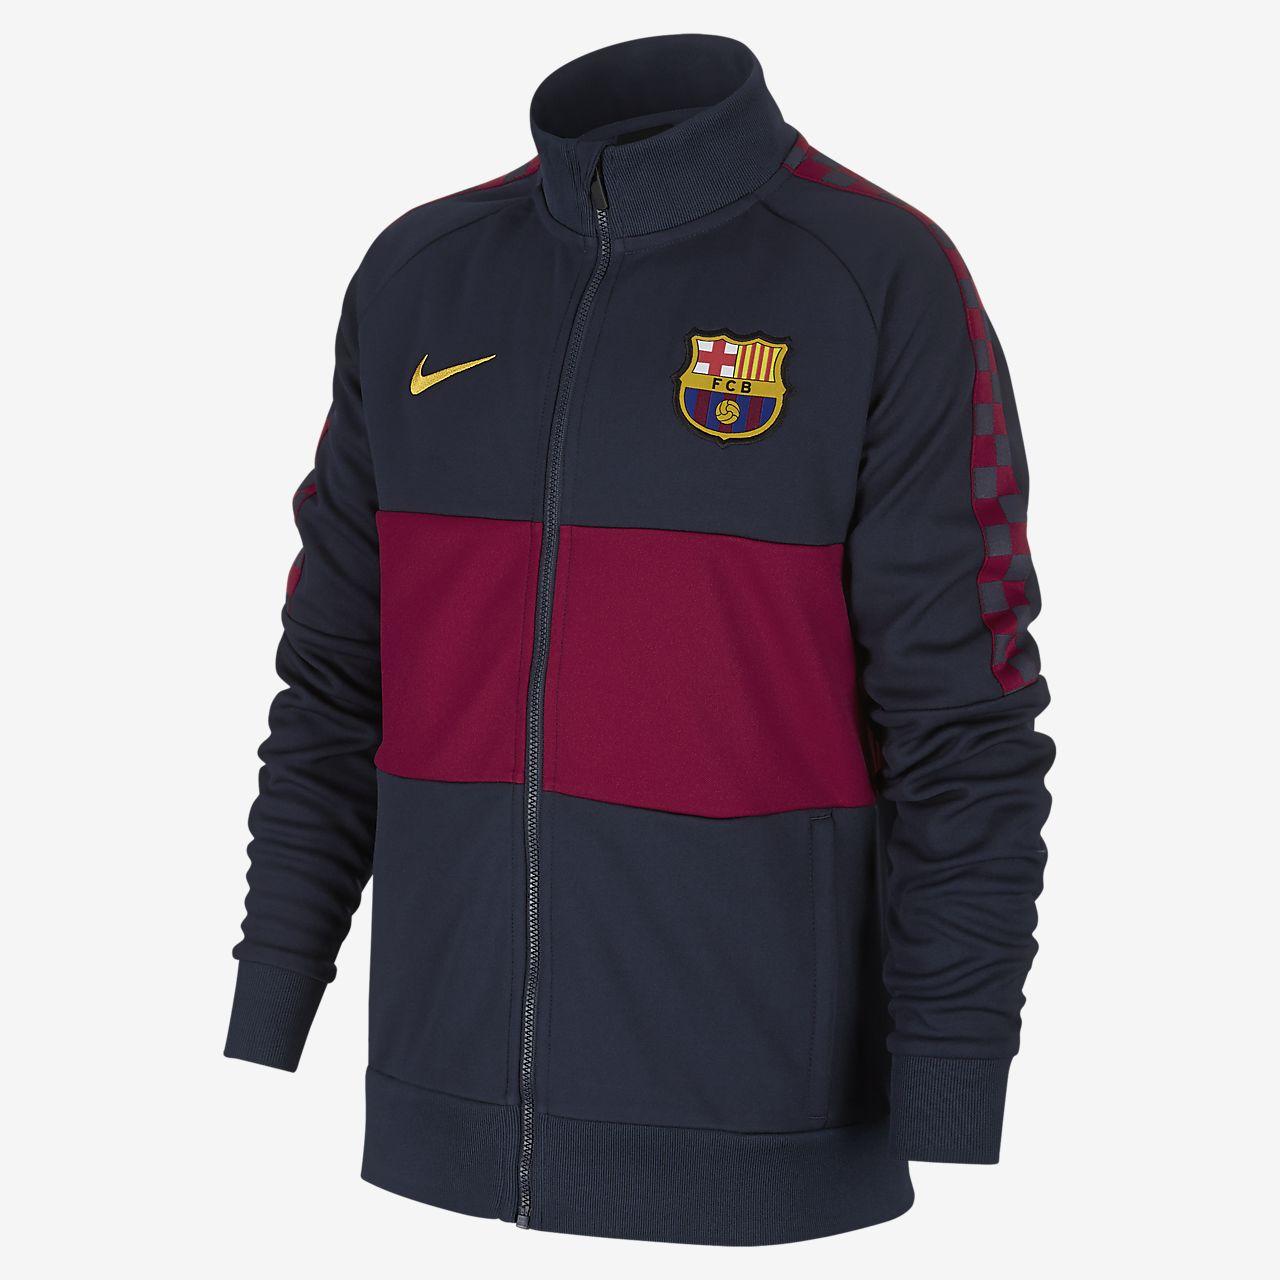 Fotbollsjacka FC Barcelona för ungdom